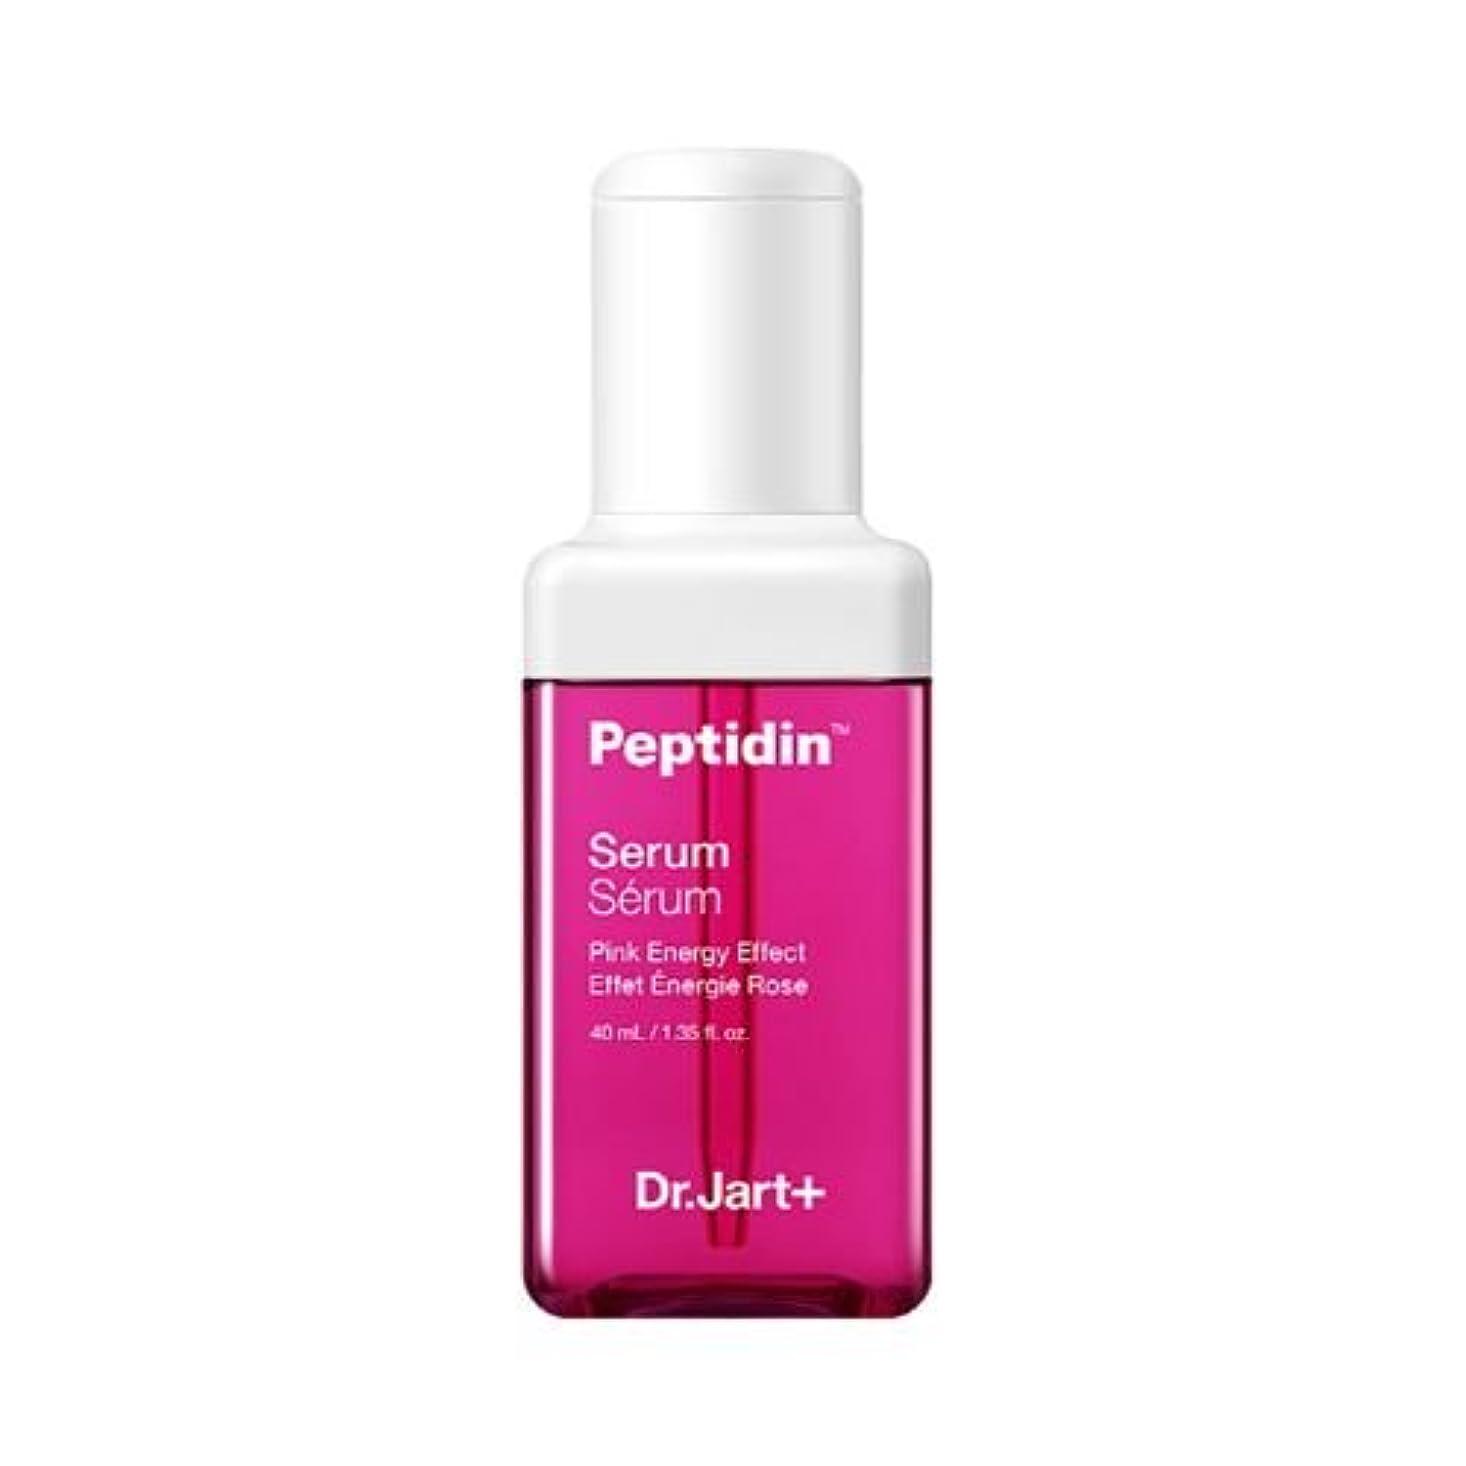 分散逸話欠席[DR Jart] Peptidin serum Pink Energy effect ドクタージャルトペプチドディーン セラムピンクエネルギー 40ml[海外直送品] [並行輸入品]